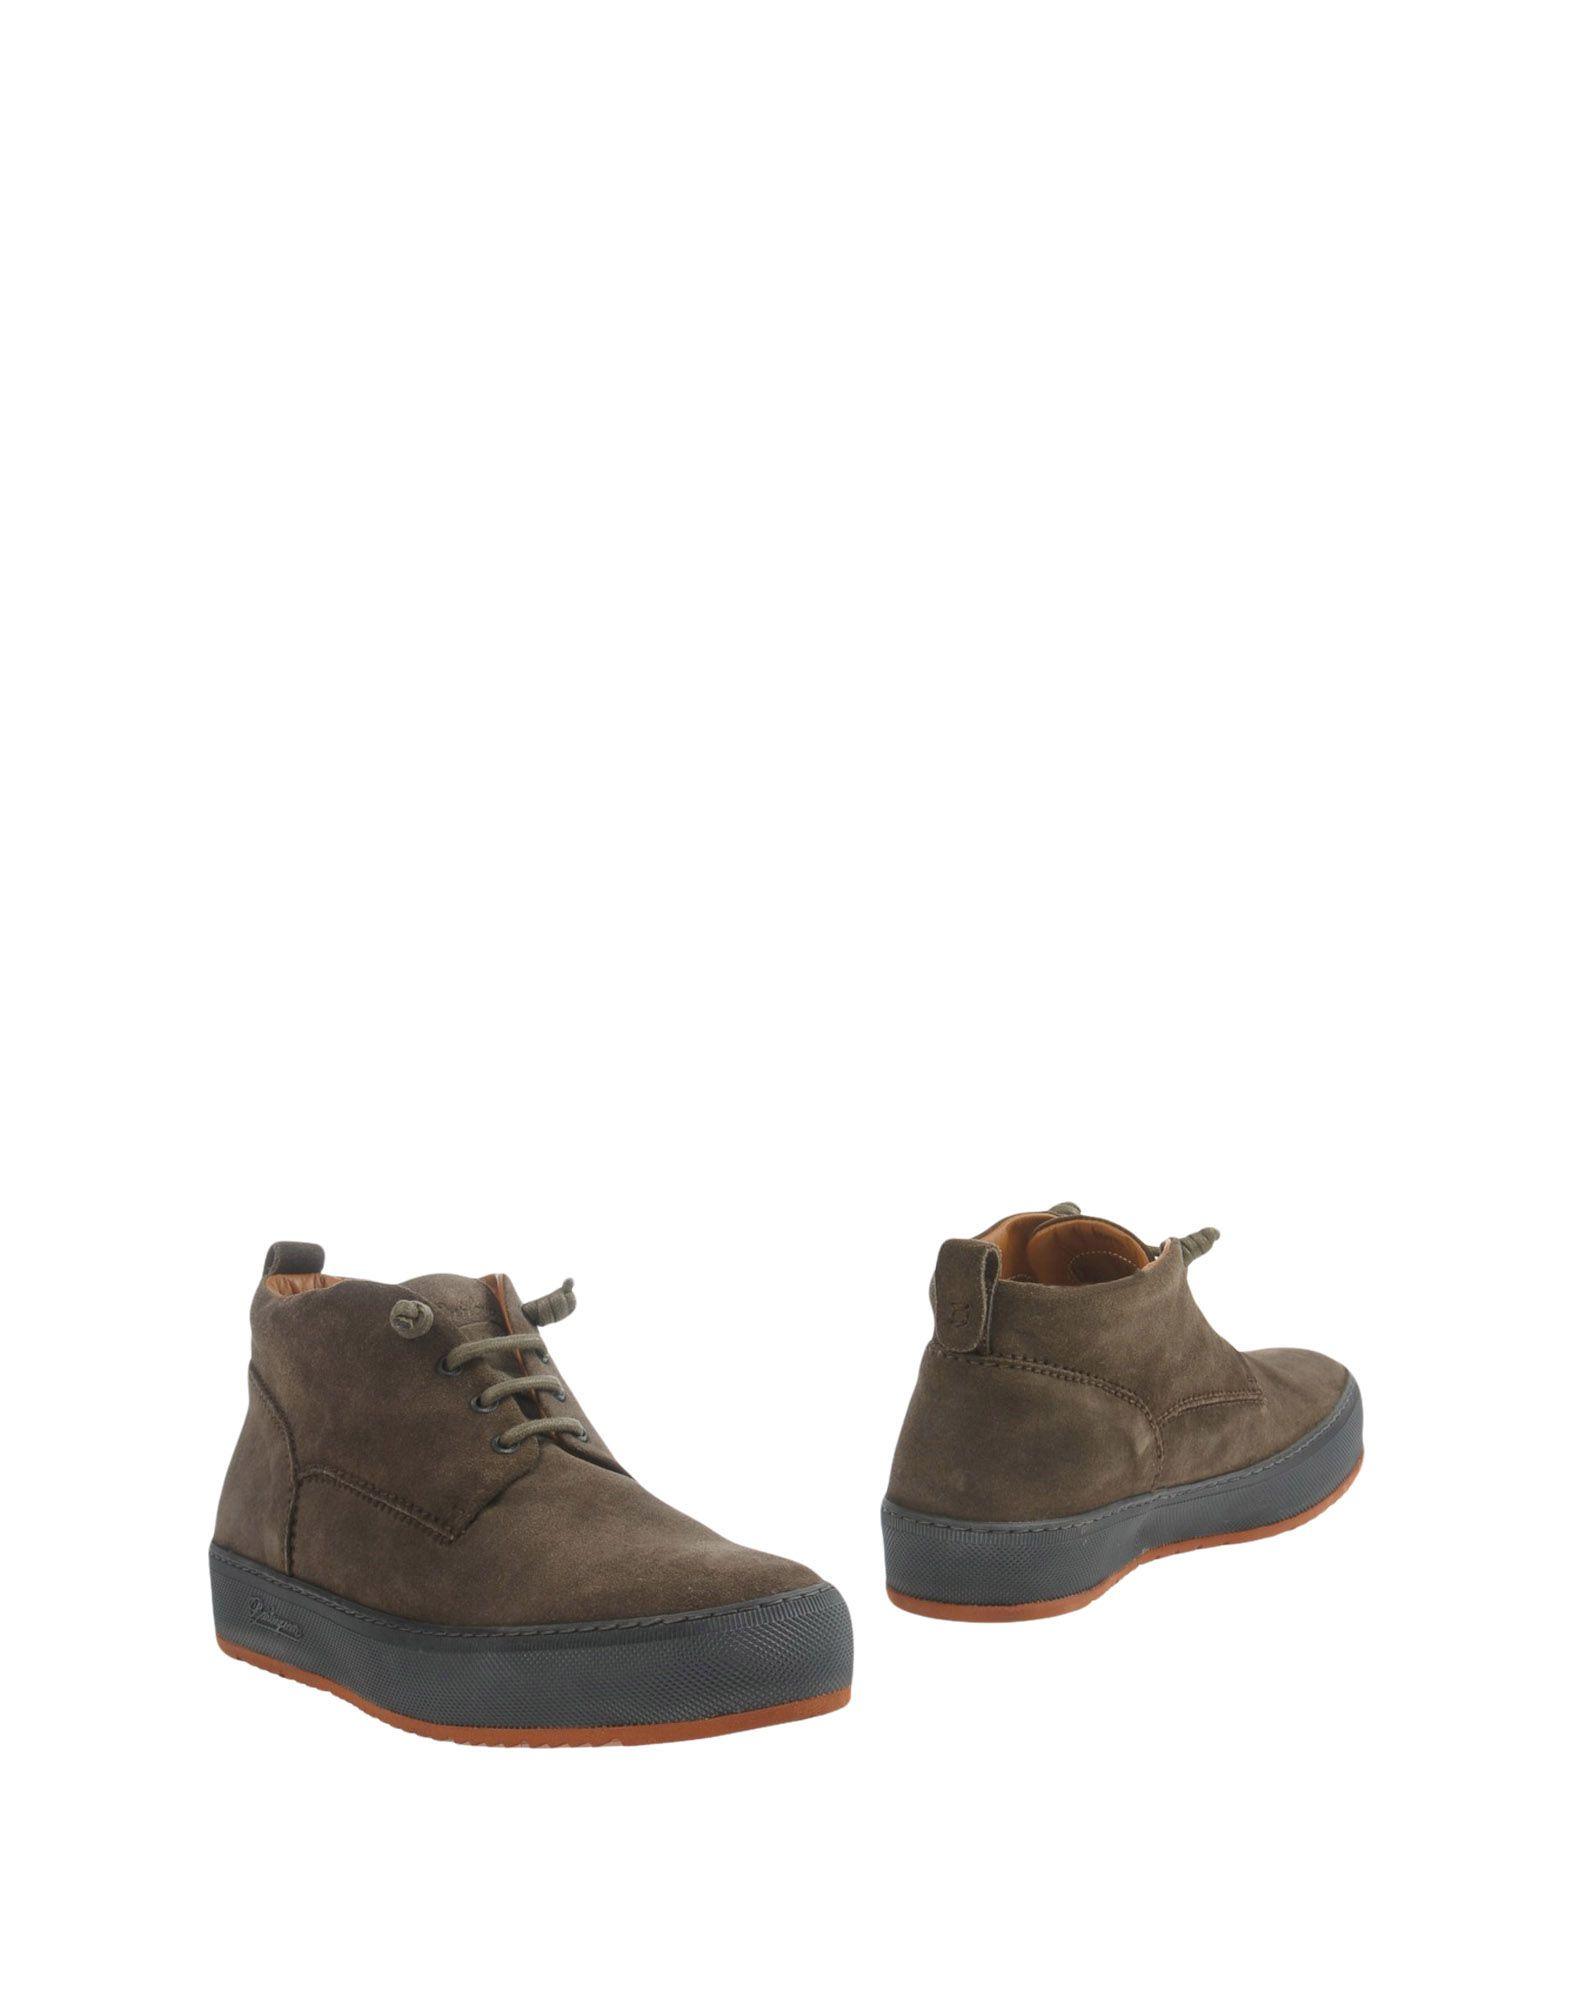 Rabatt Herren echte Schuhe Barleycorn Stiefelette Herren Rabatt  11327309OS 80157d